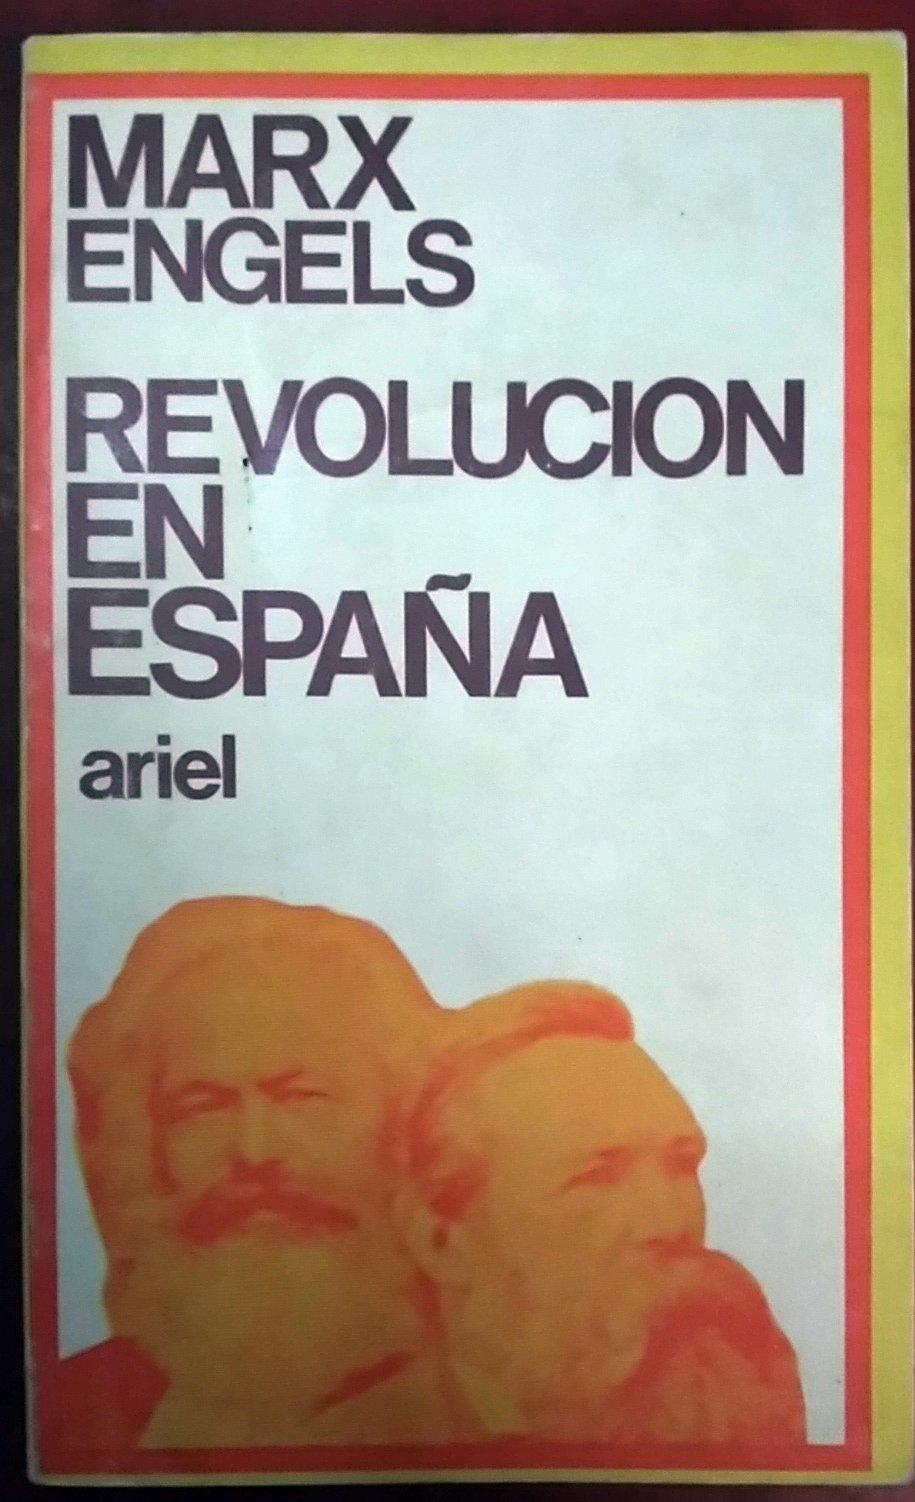 REVOLUCIÓN EN ESPAÑA: Amazon.es: MARX, Karl ENGELS, Friedrich: Libros